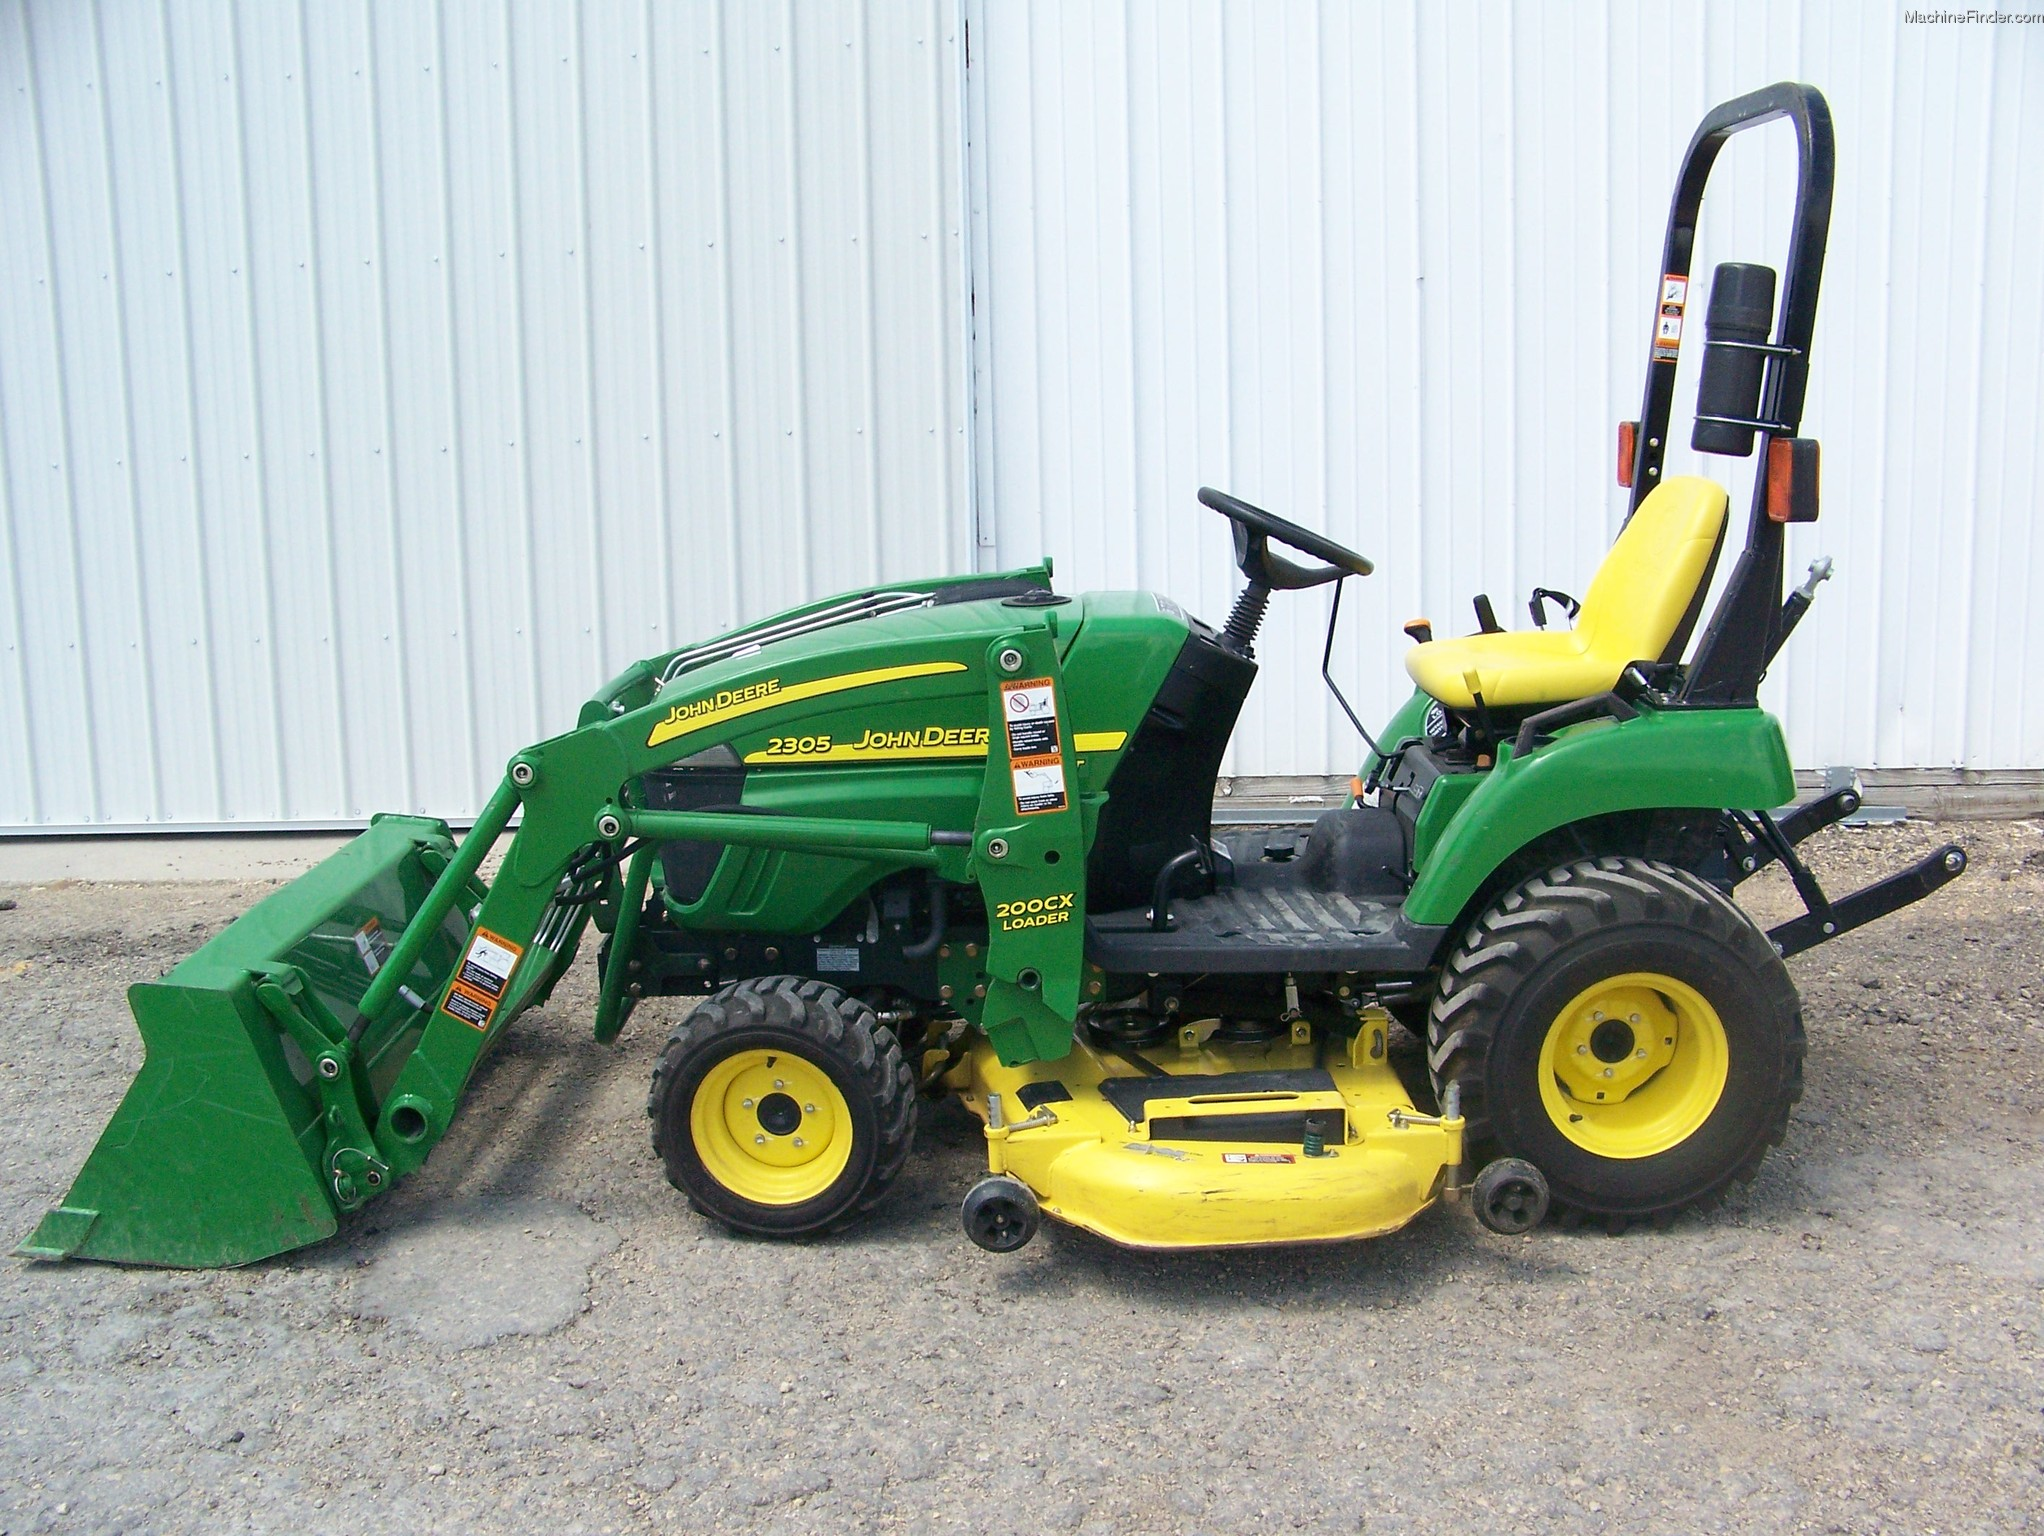 2010 John Deere 2305 Tractors - Compact (1-40hp.) - John Deere ...